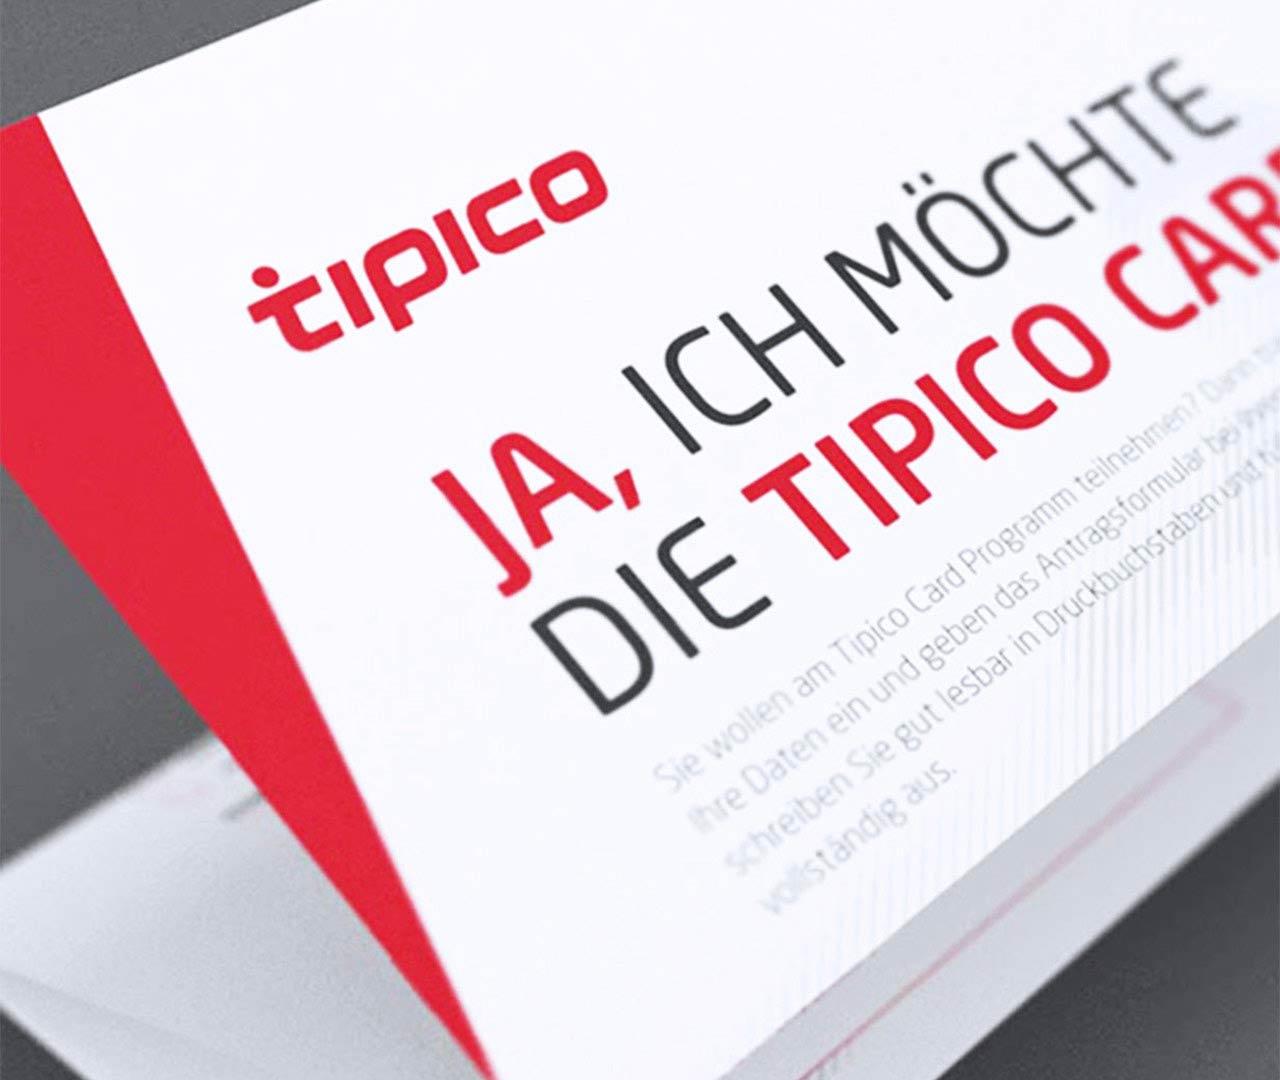 Tipico-Card: Design von der Agentur Preussisch Portugal aus Hamburg